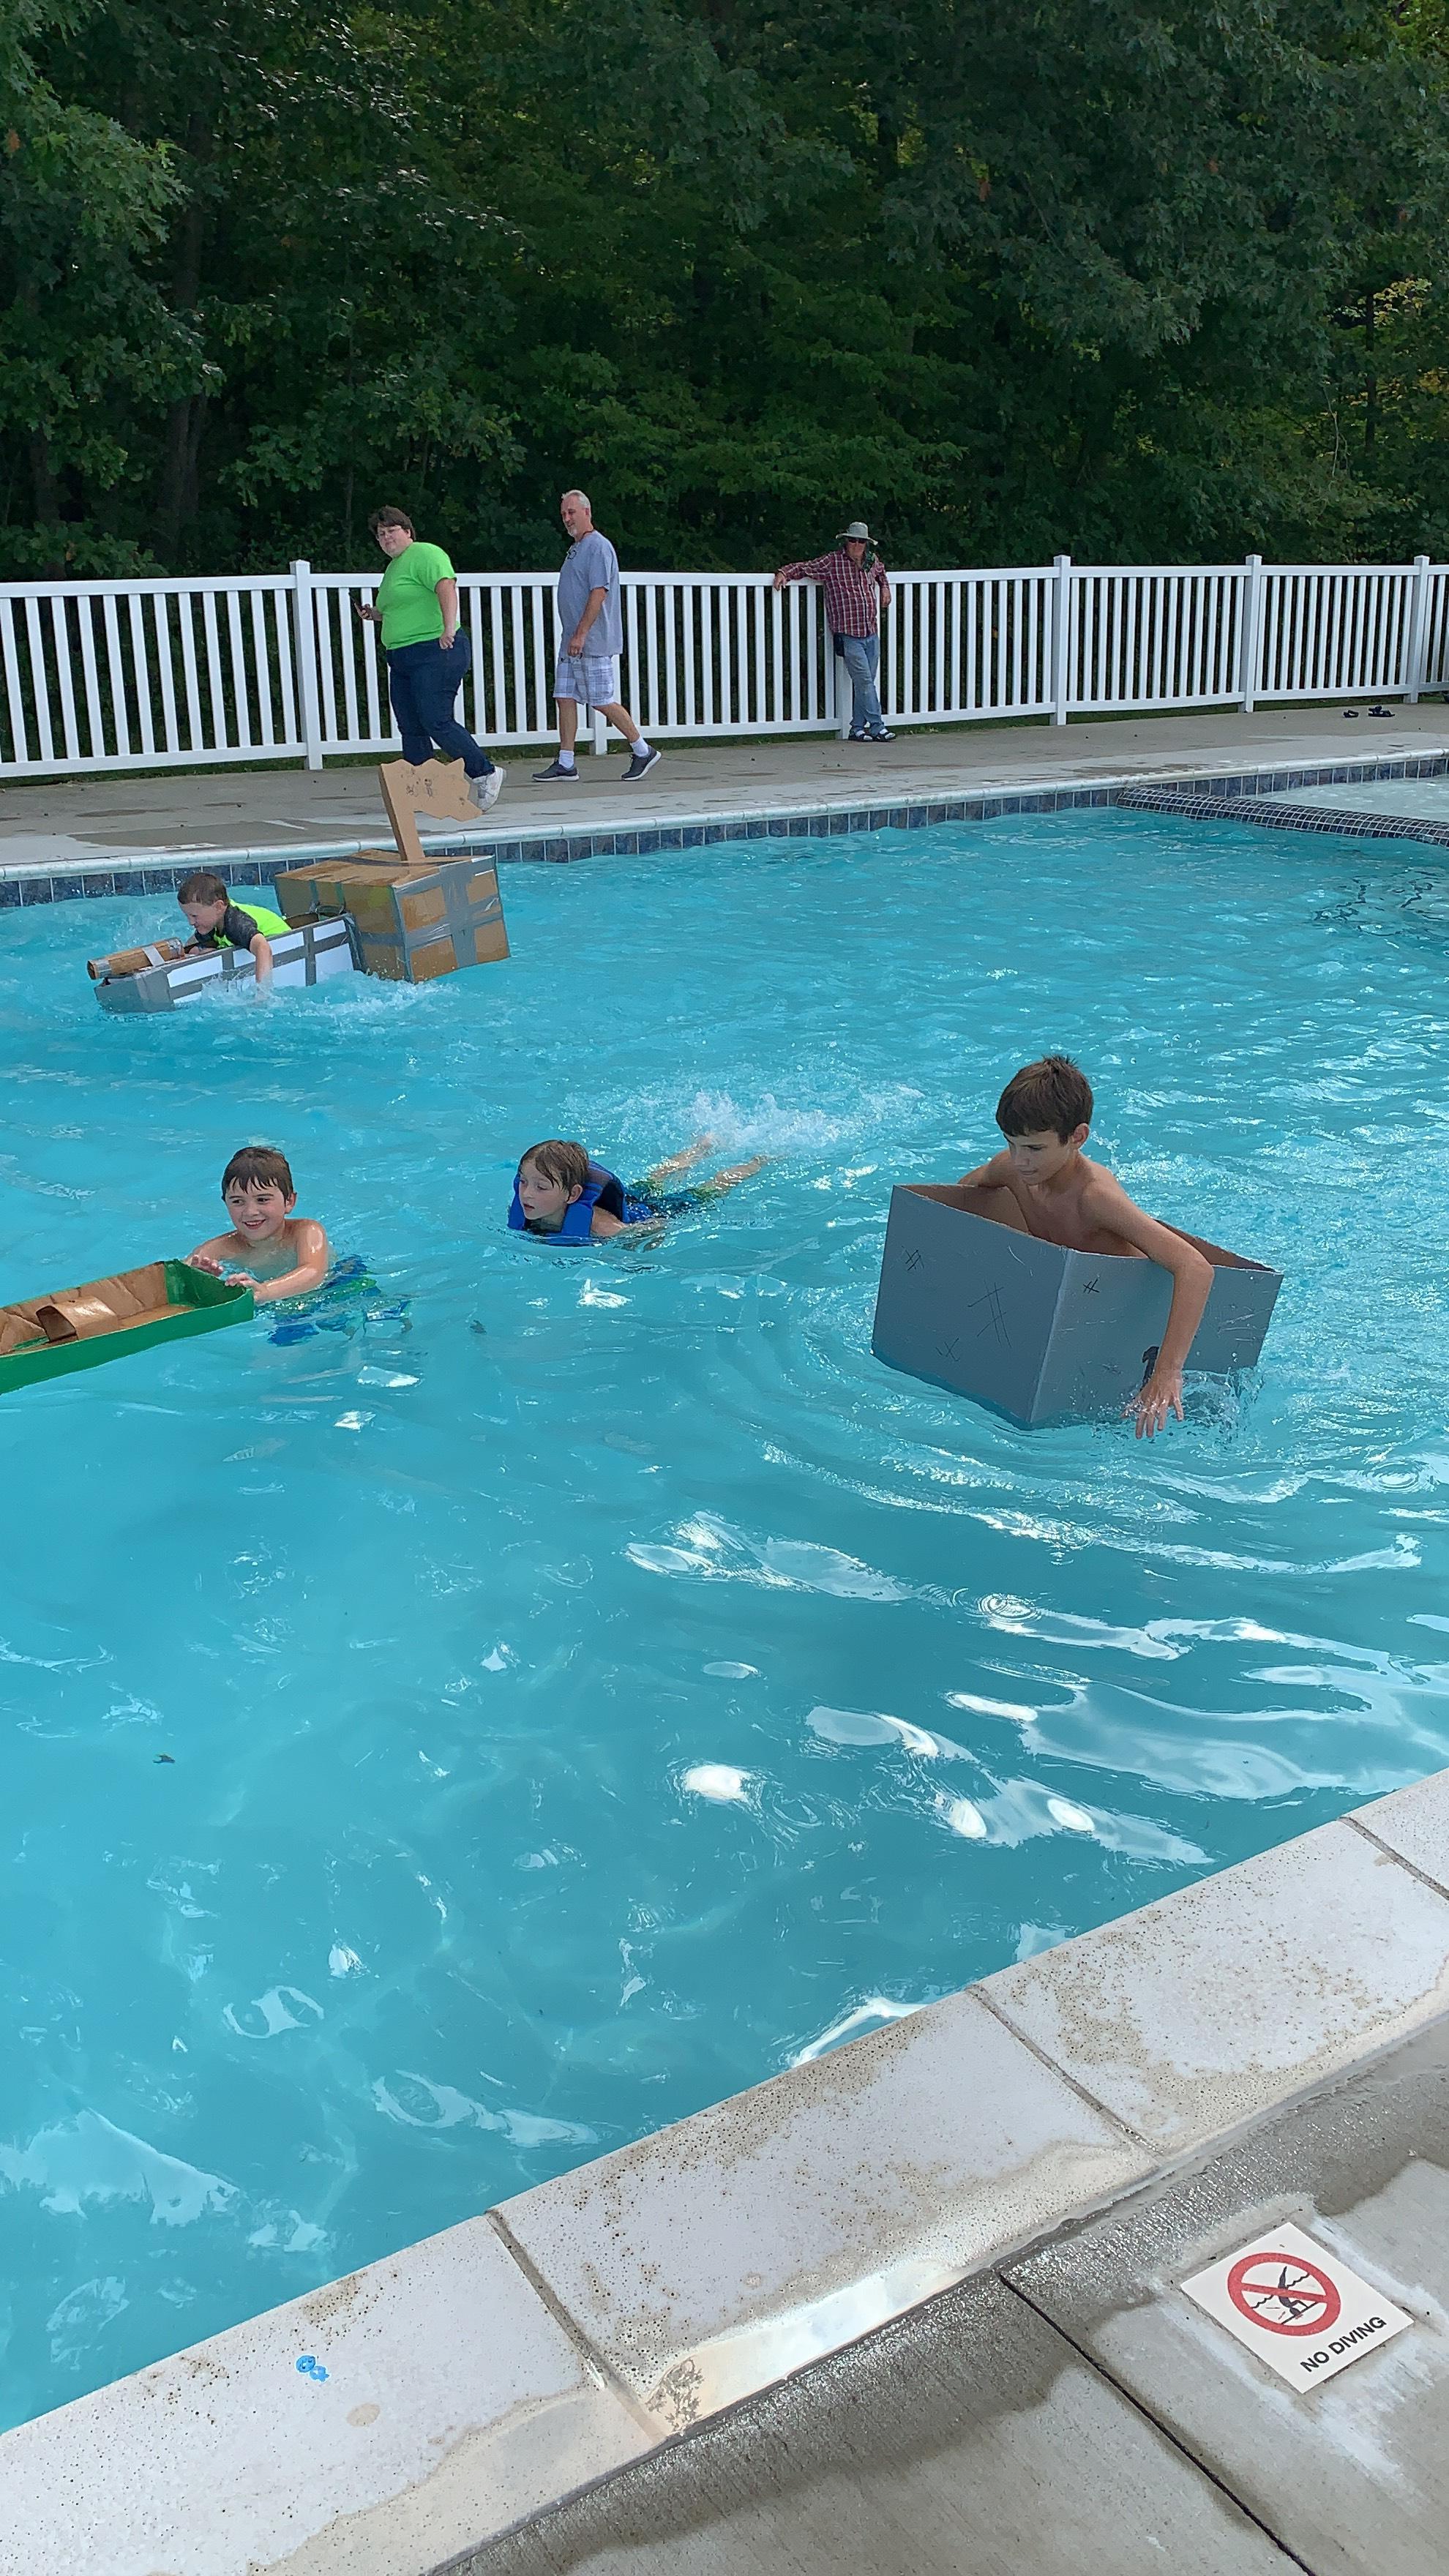 Pool activities every weekend